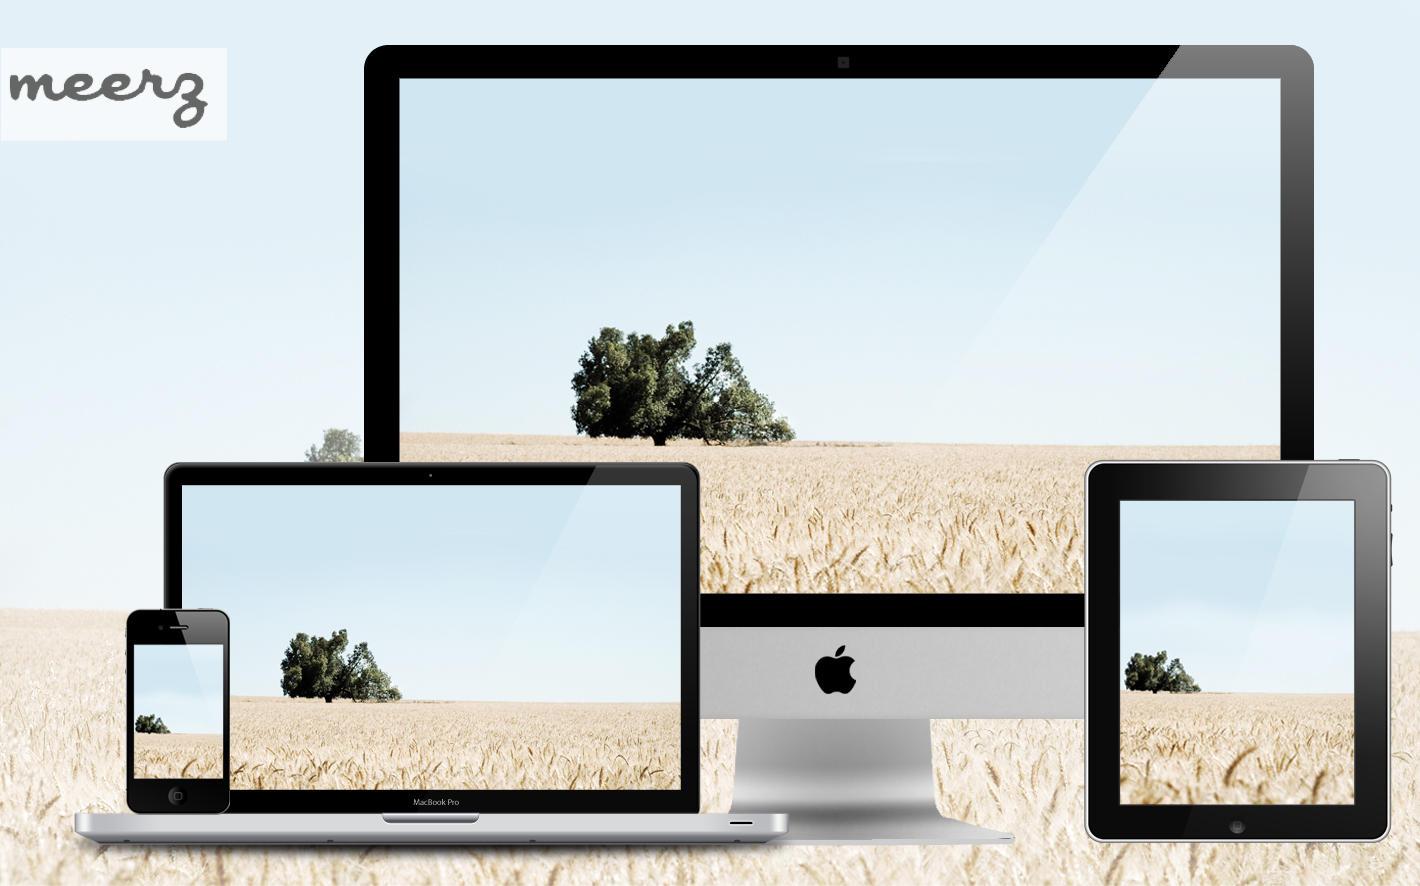 Wallpaper 6 - Wheat Field by xmeerzx